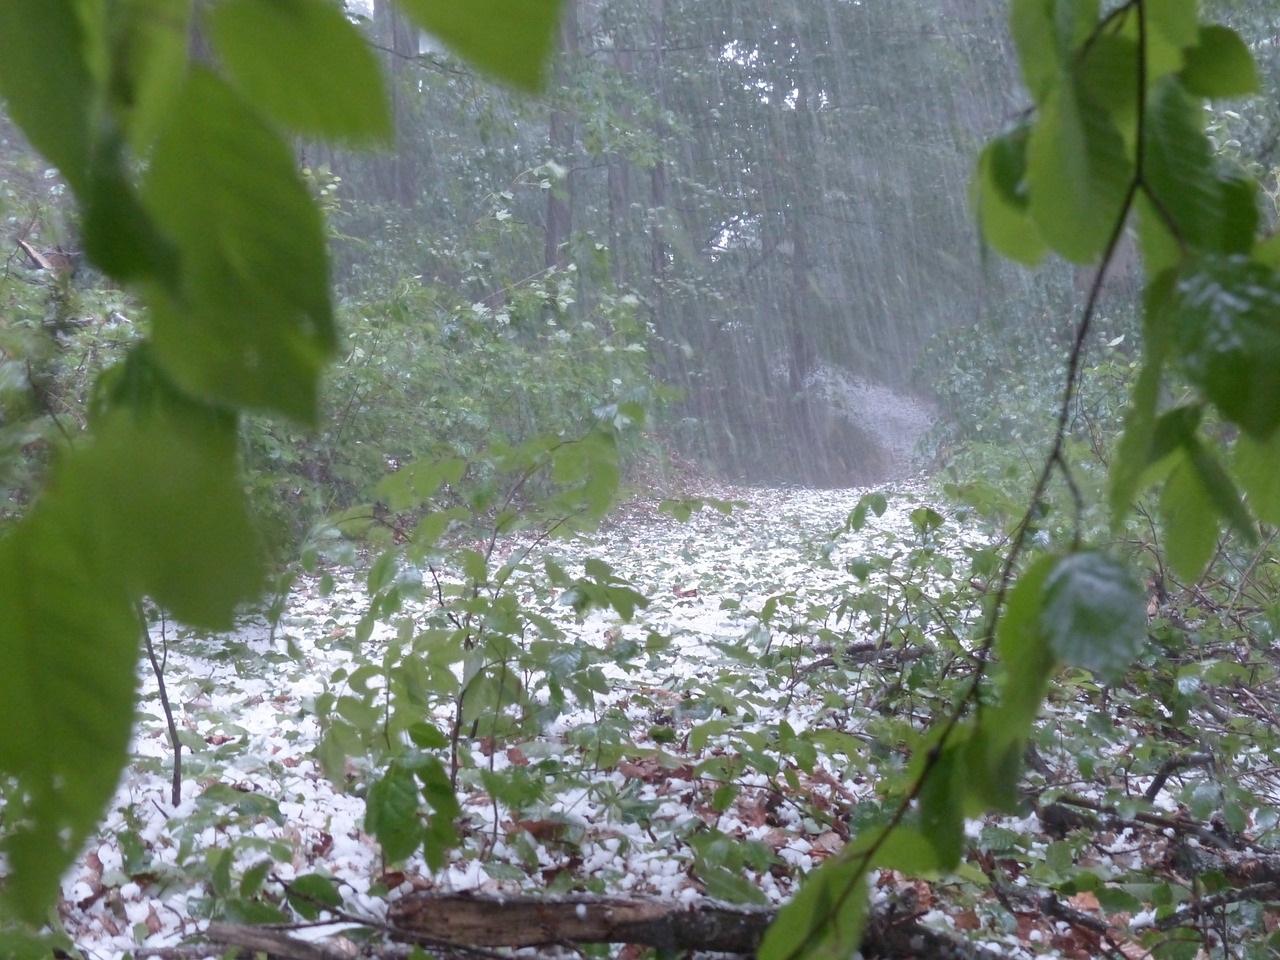 МЧС: На Свердловскую область надвигаются грозы, ливни, град и сильный ветер